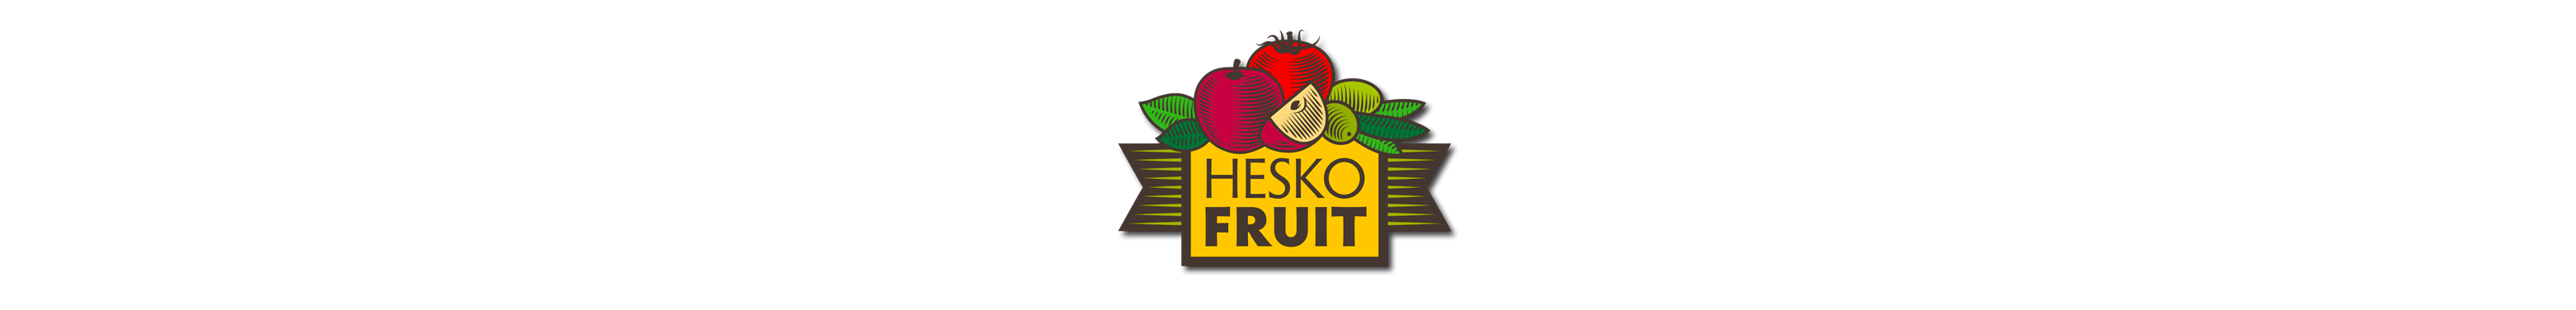 HeskoFruit